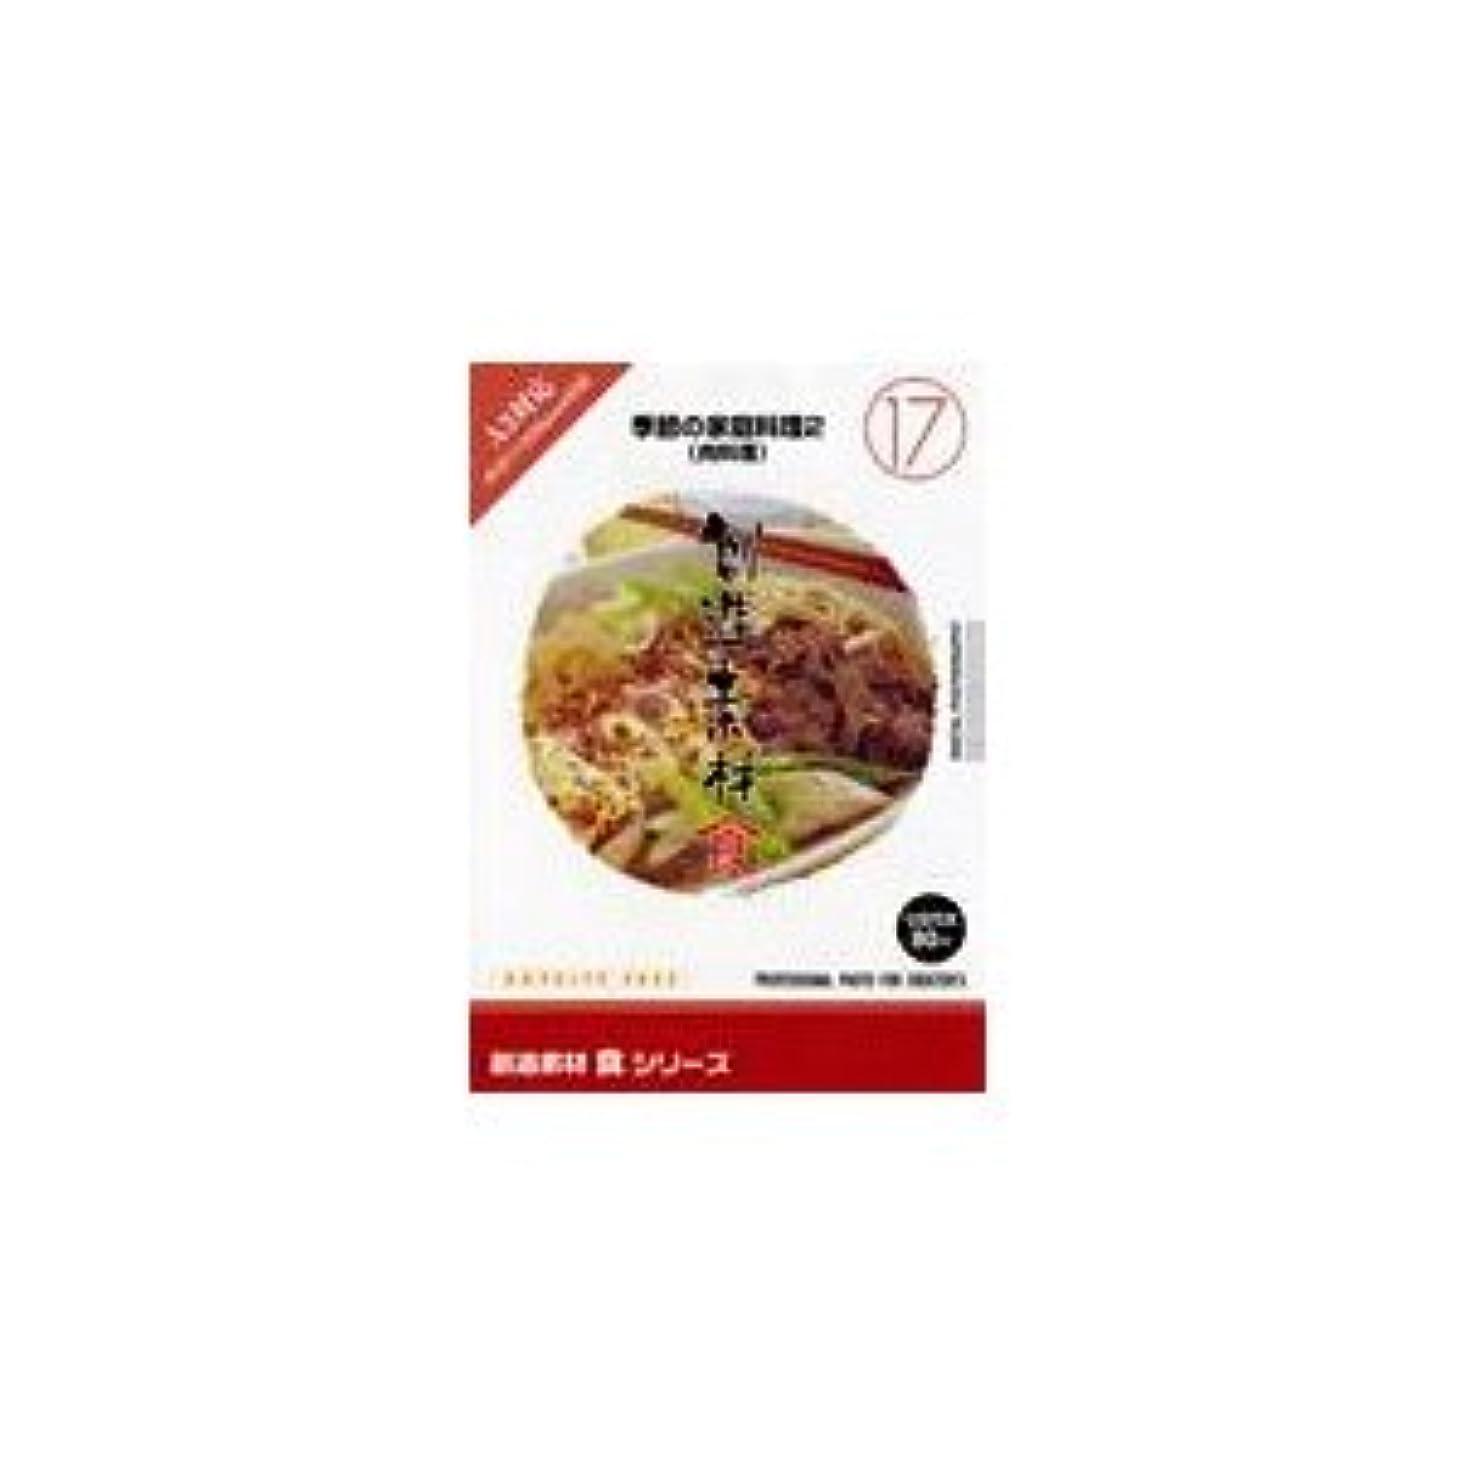 動くデコードするの前で写真素材 創造素材 食シリーズ (17) 季節の家庭料理2(肉料理) ds-68289